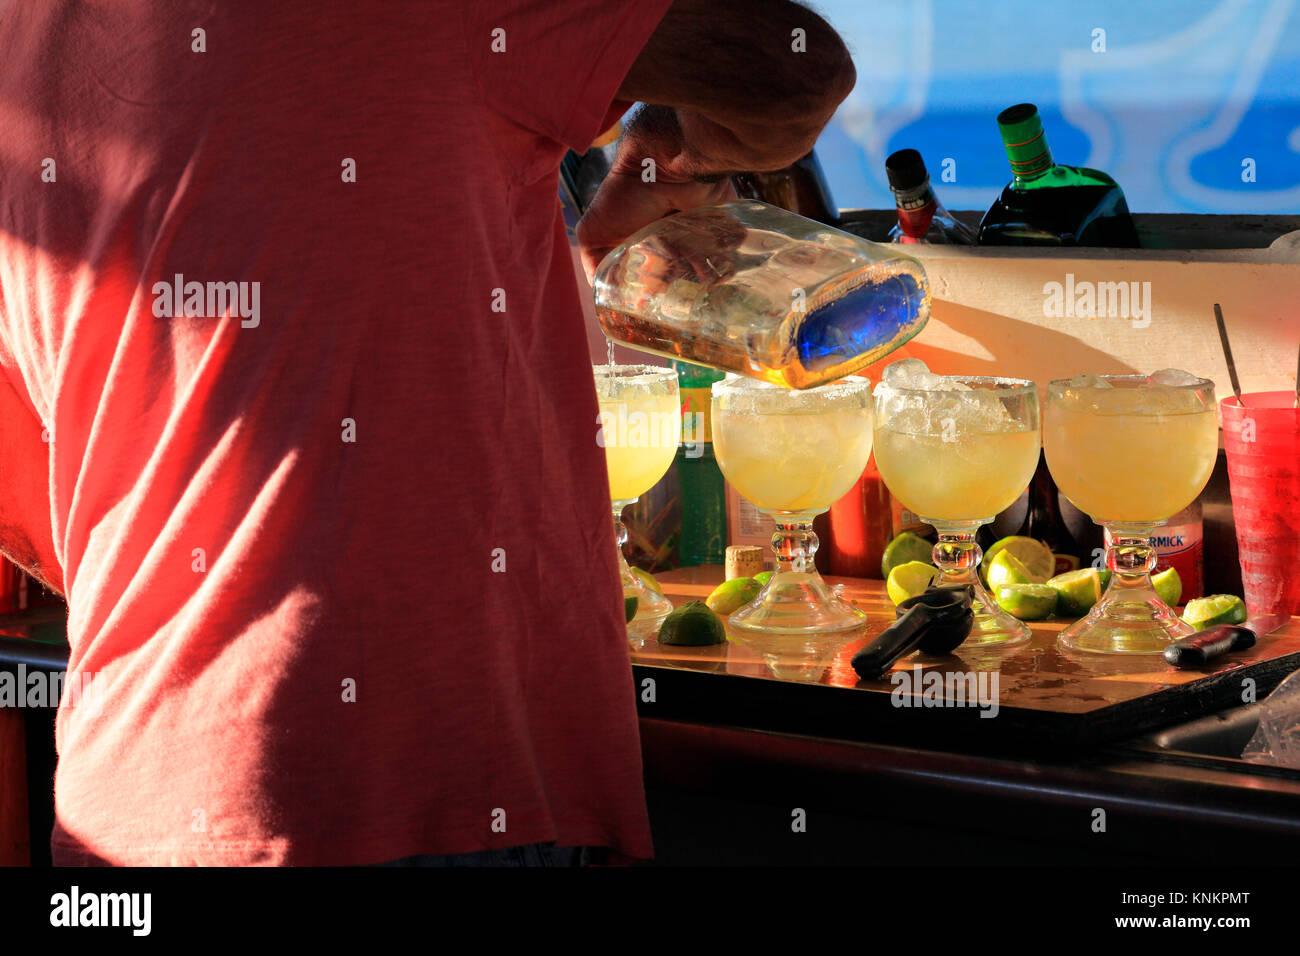 mixing margaritas - Stock Image